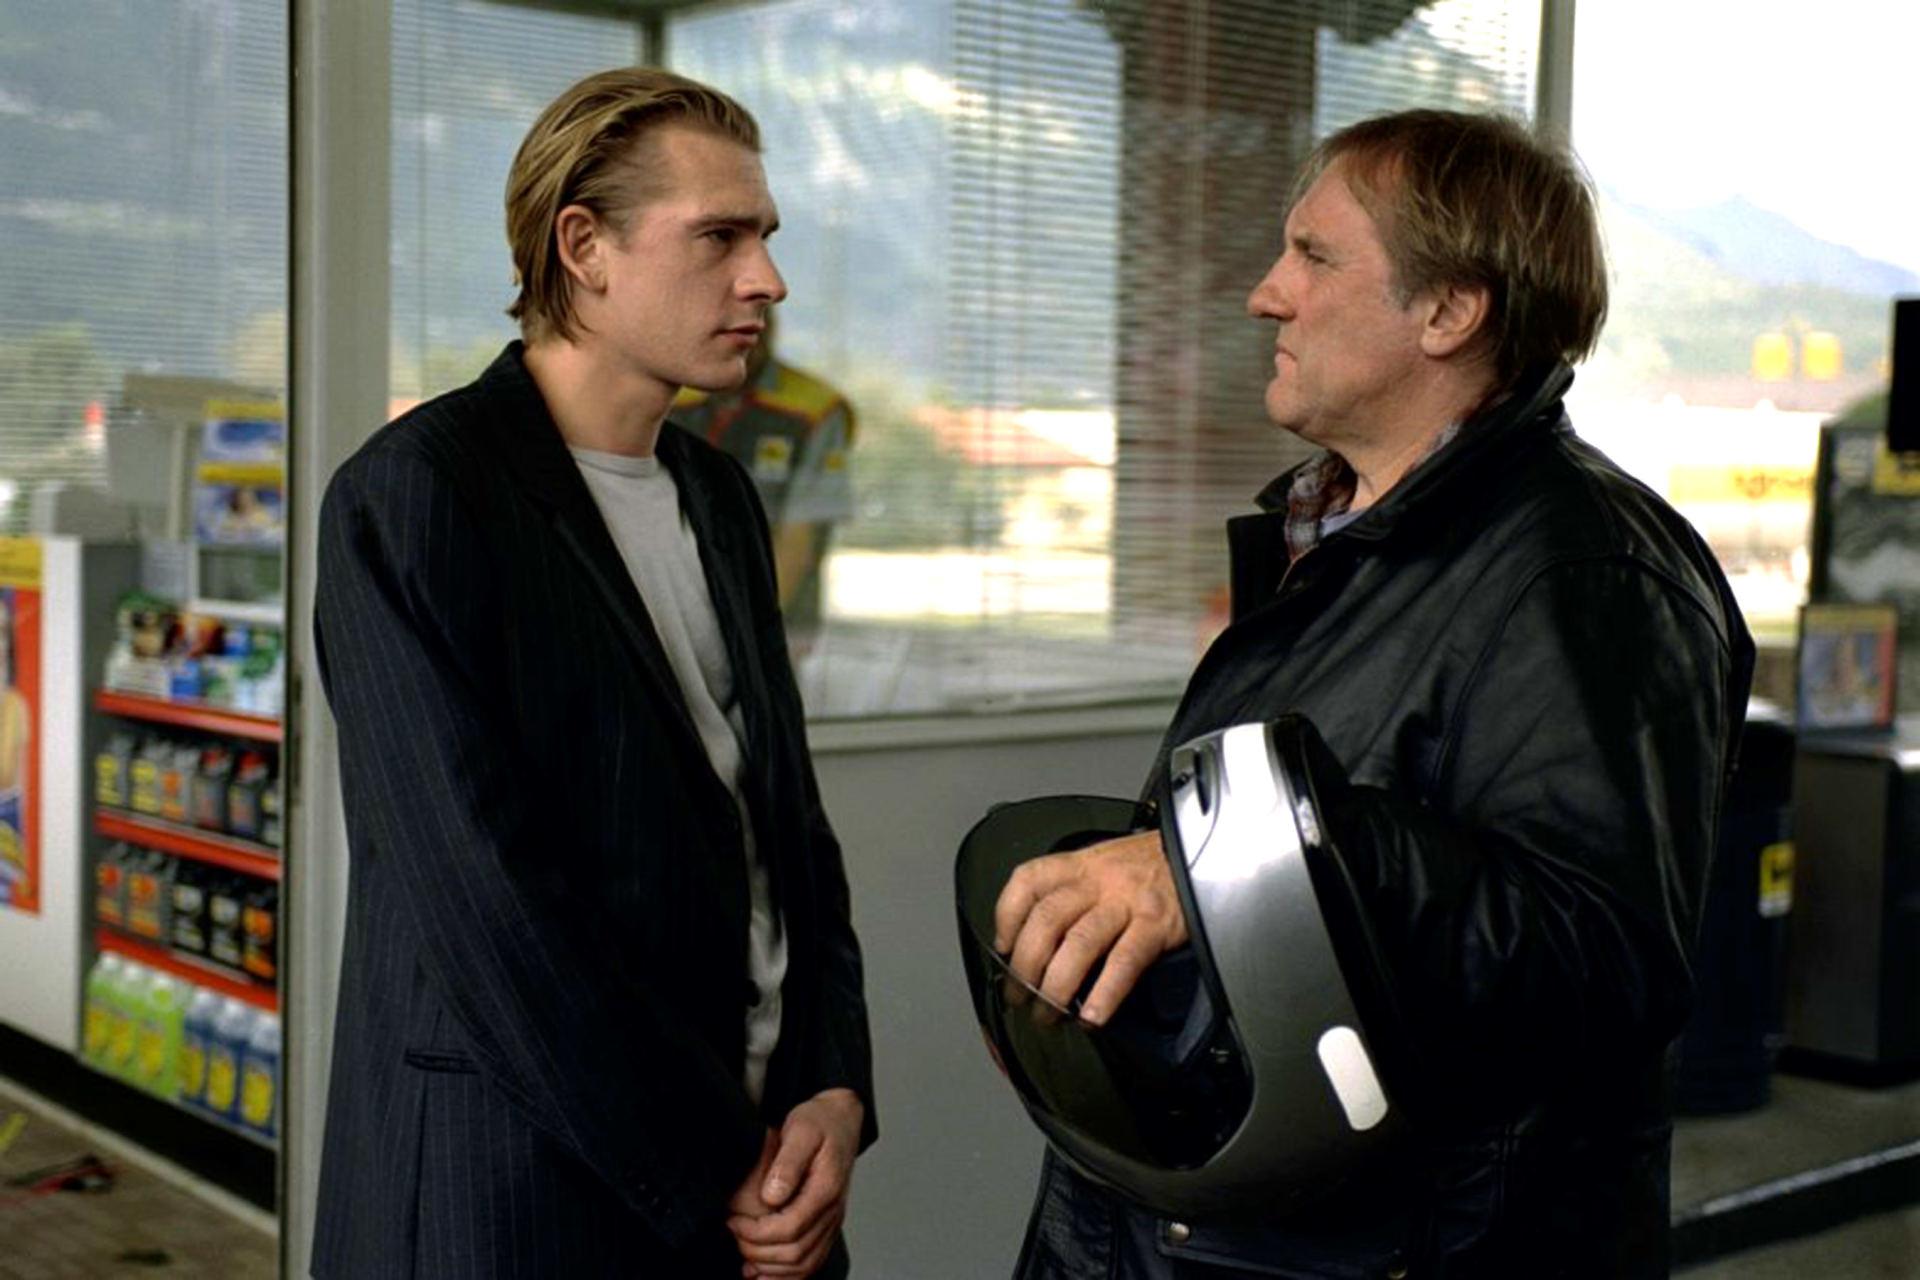 Gerardas Depardieu Su Sūnumi Guillaumeu Depardieu Filme A